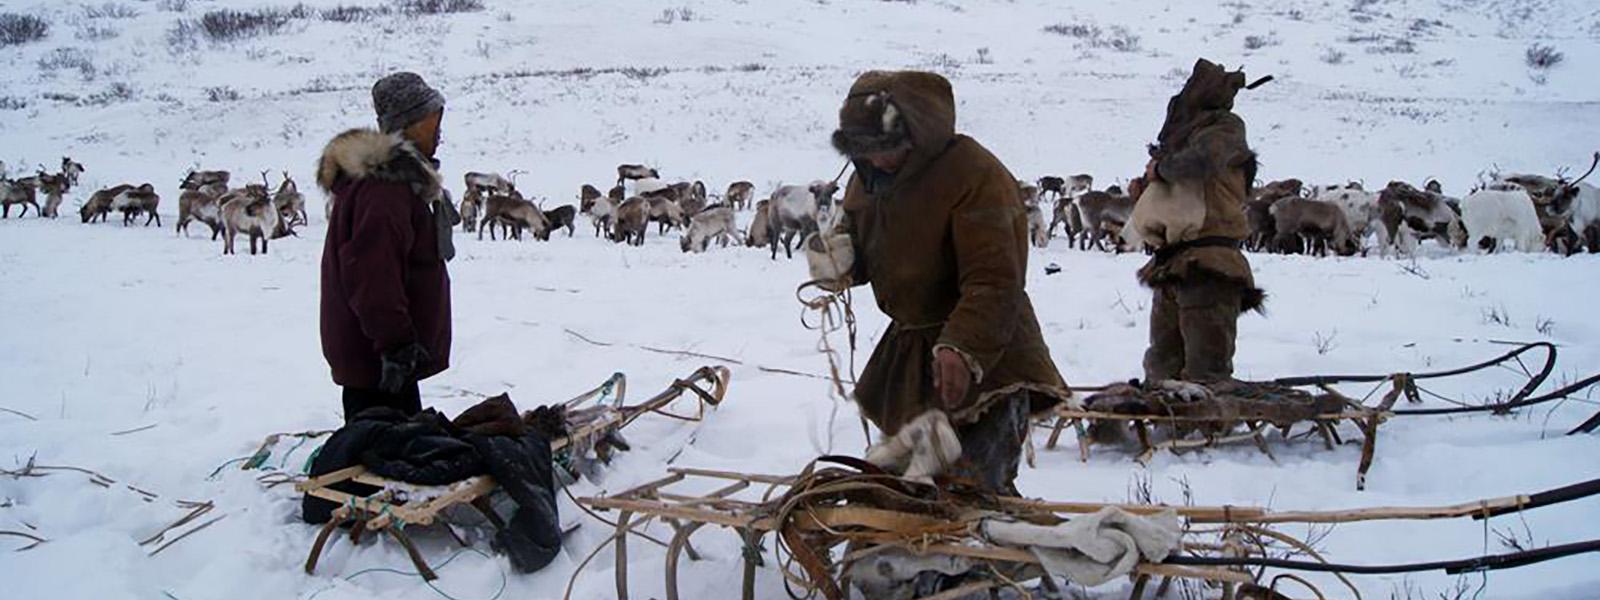 arctic landscape photograph